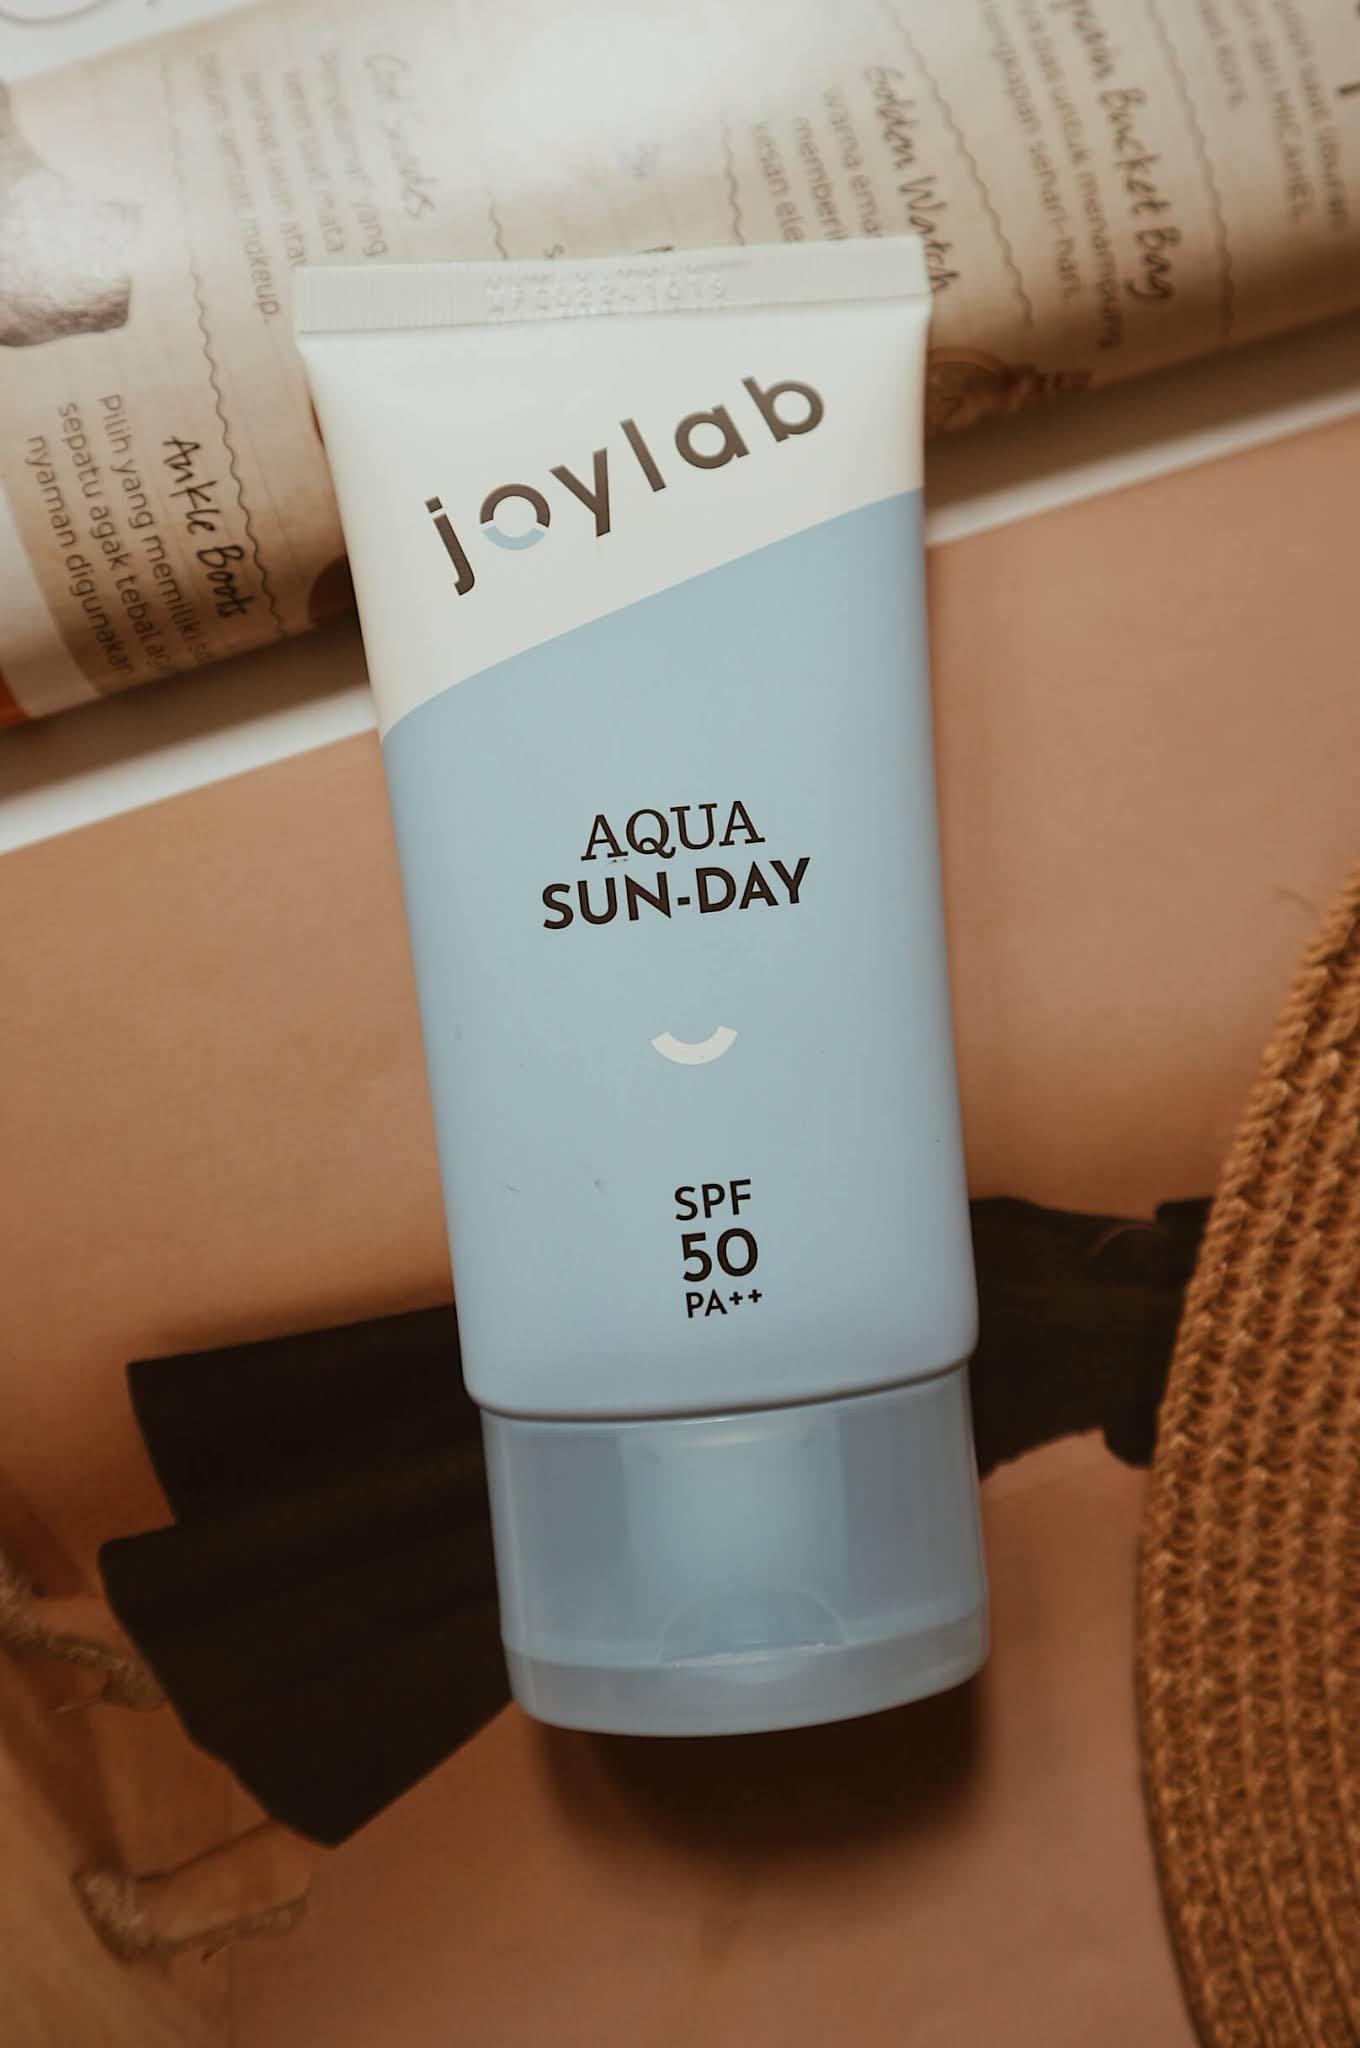 Joylab Aqua Sun-Day